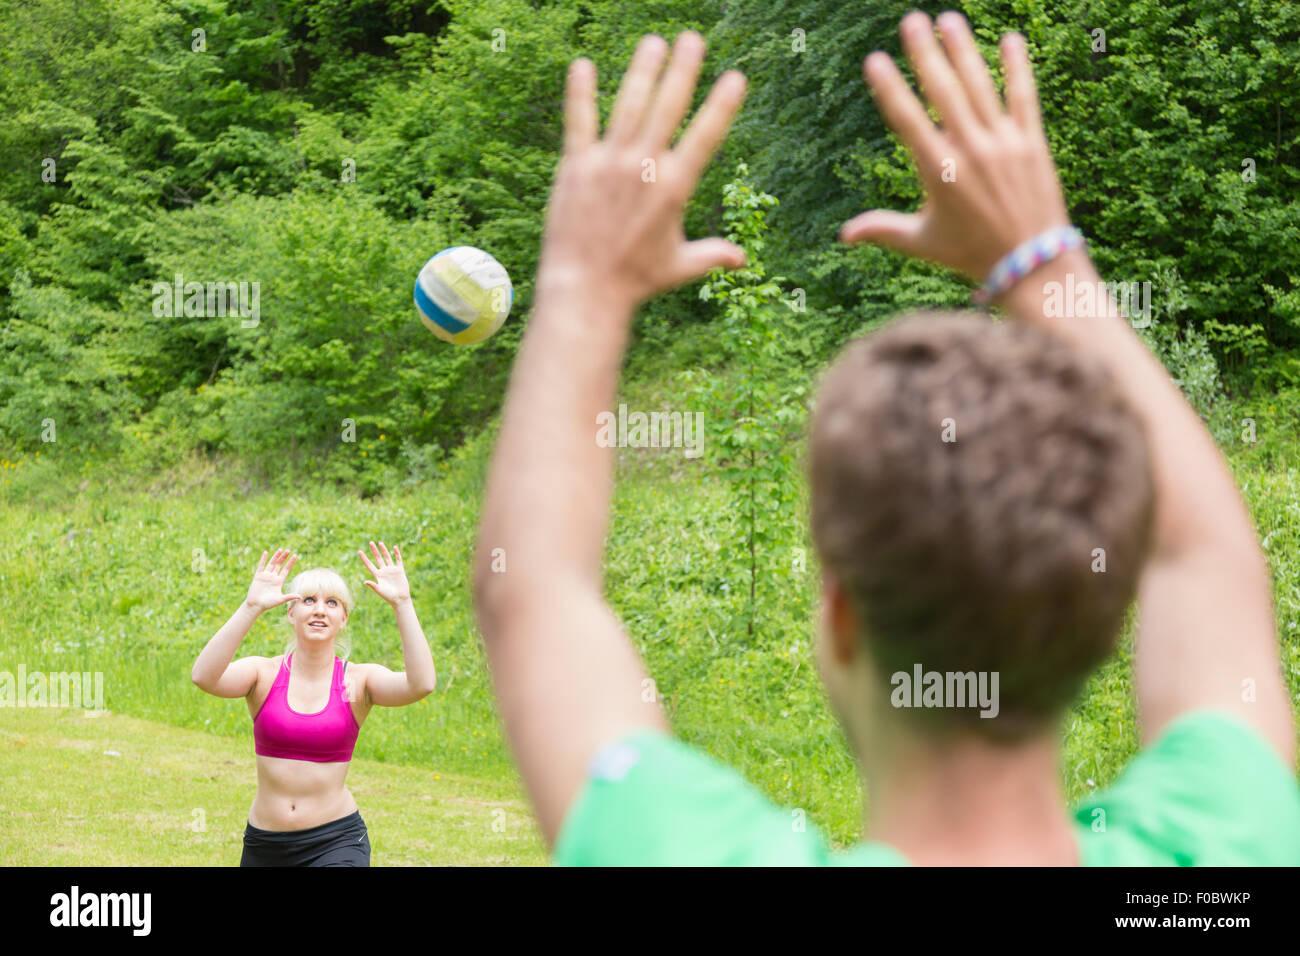 Coppia giovane giocando a pallavolo in park. Immagini Stock